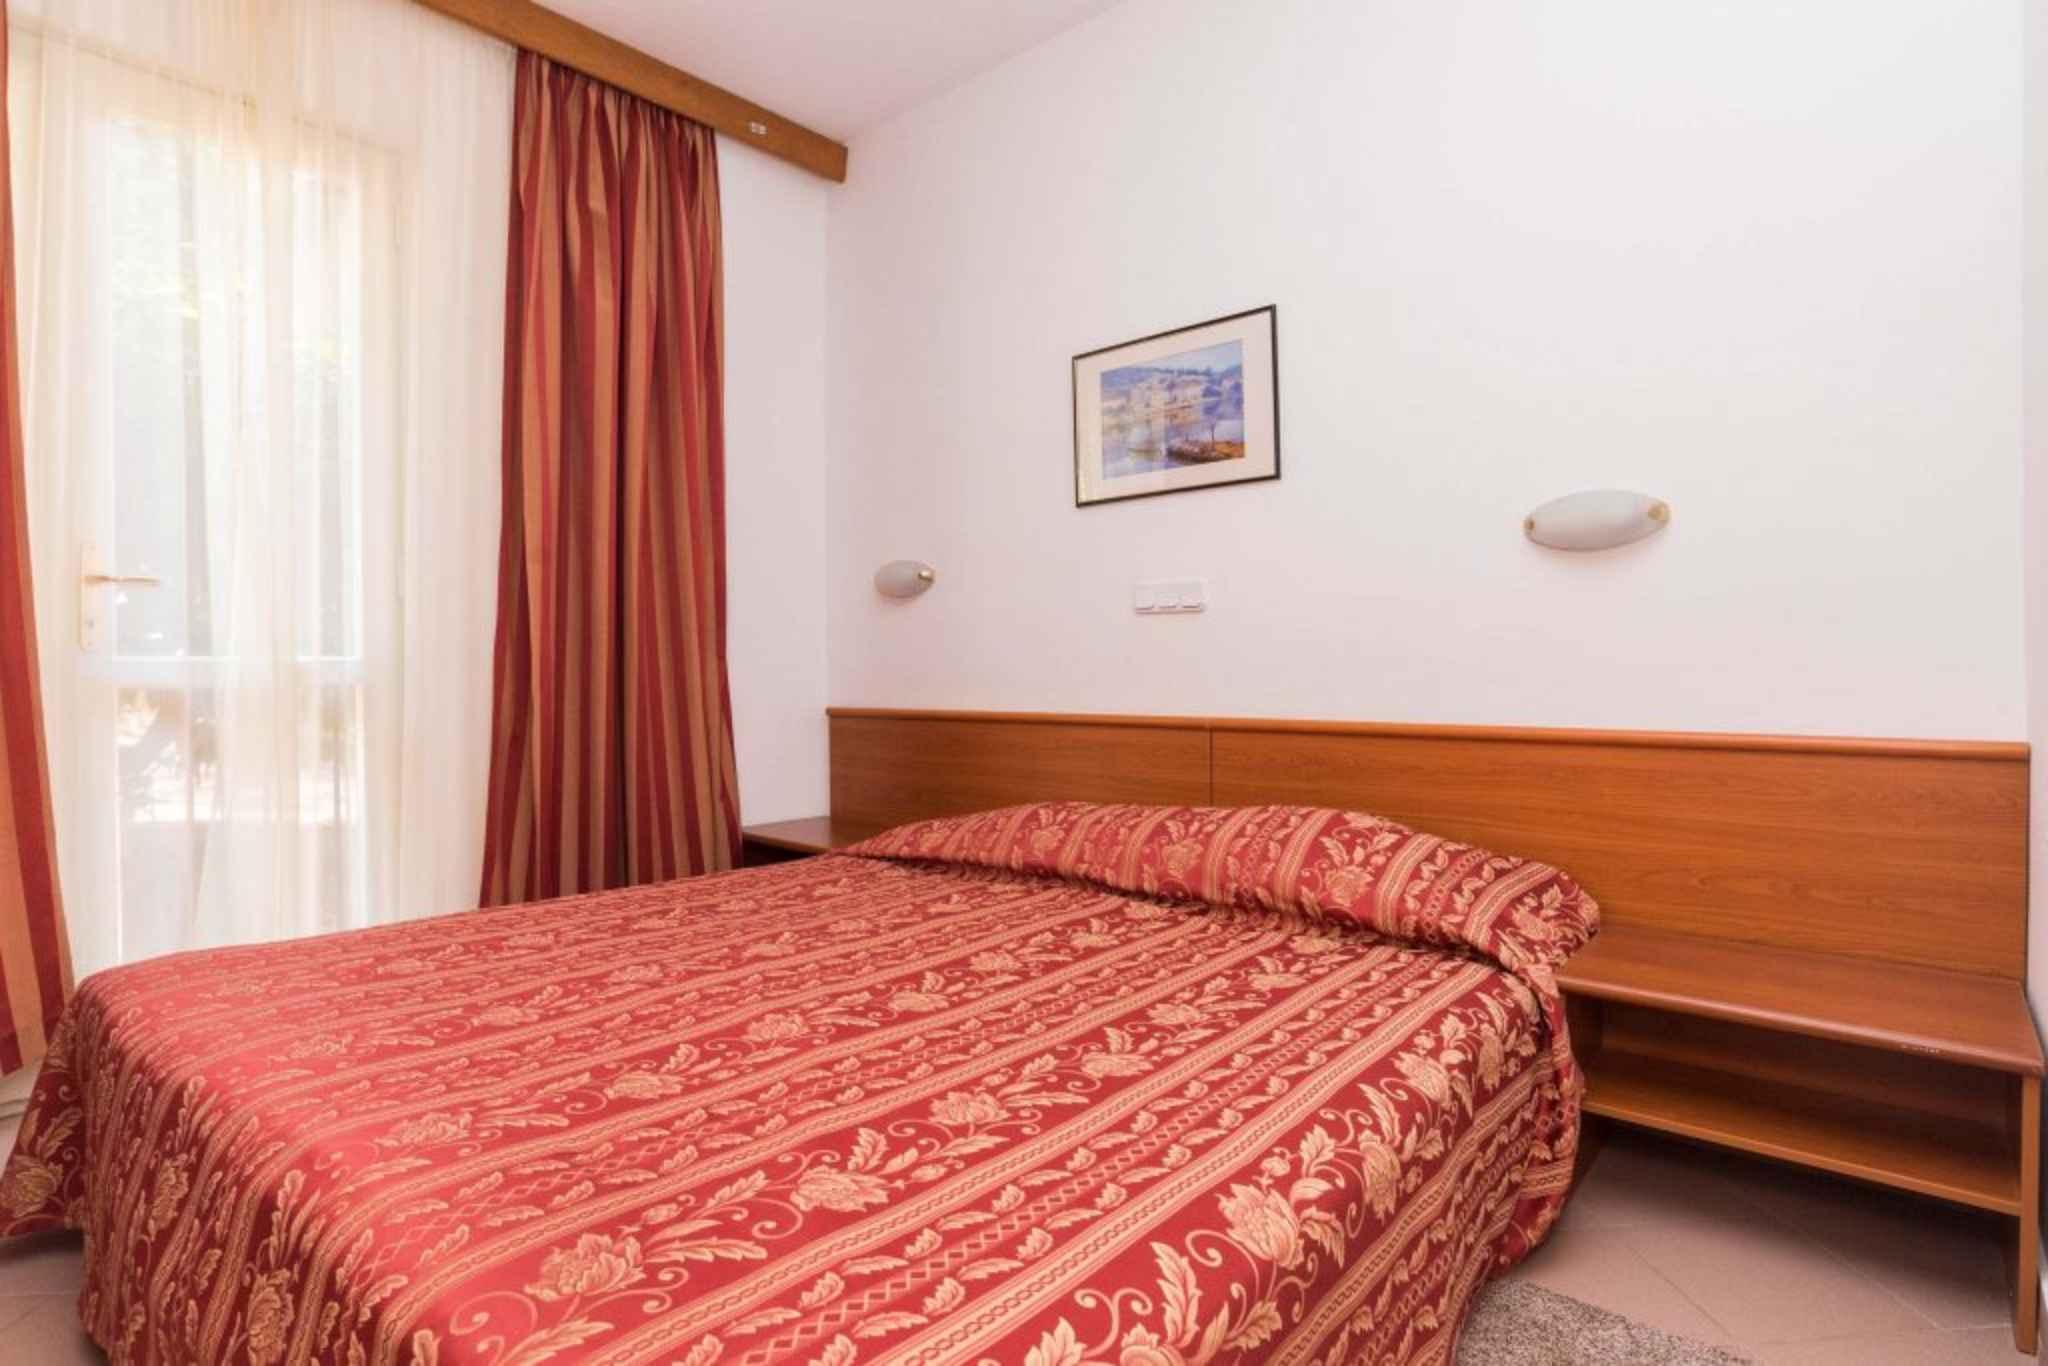 Ferienwohnung in der Ferienanlage Polynesia (281152), Umag, , Istrien, Kroatien, Bild 2